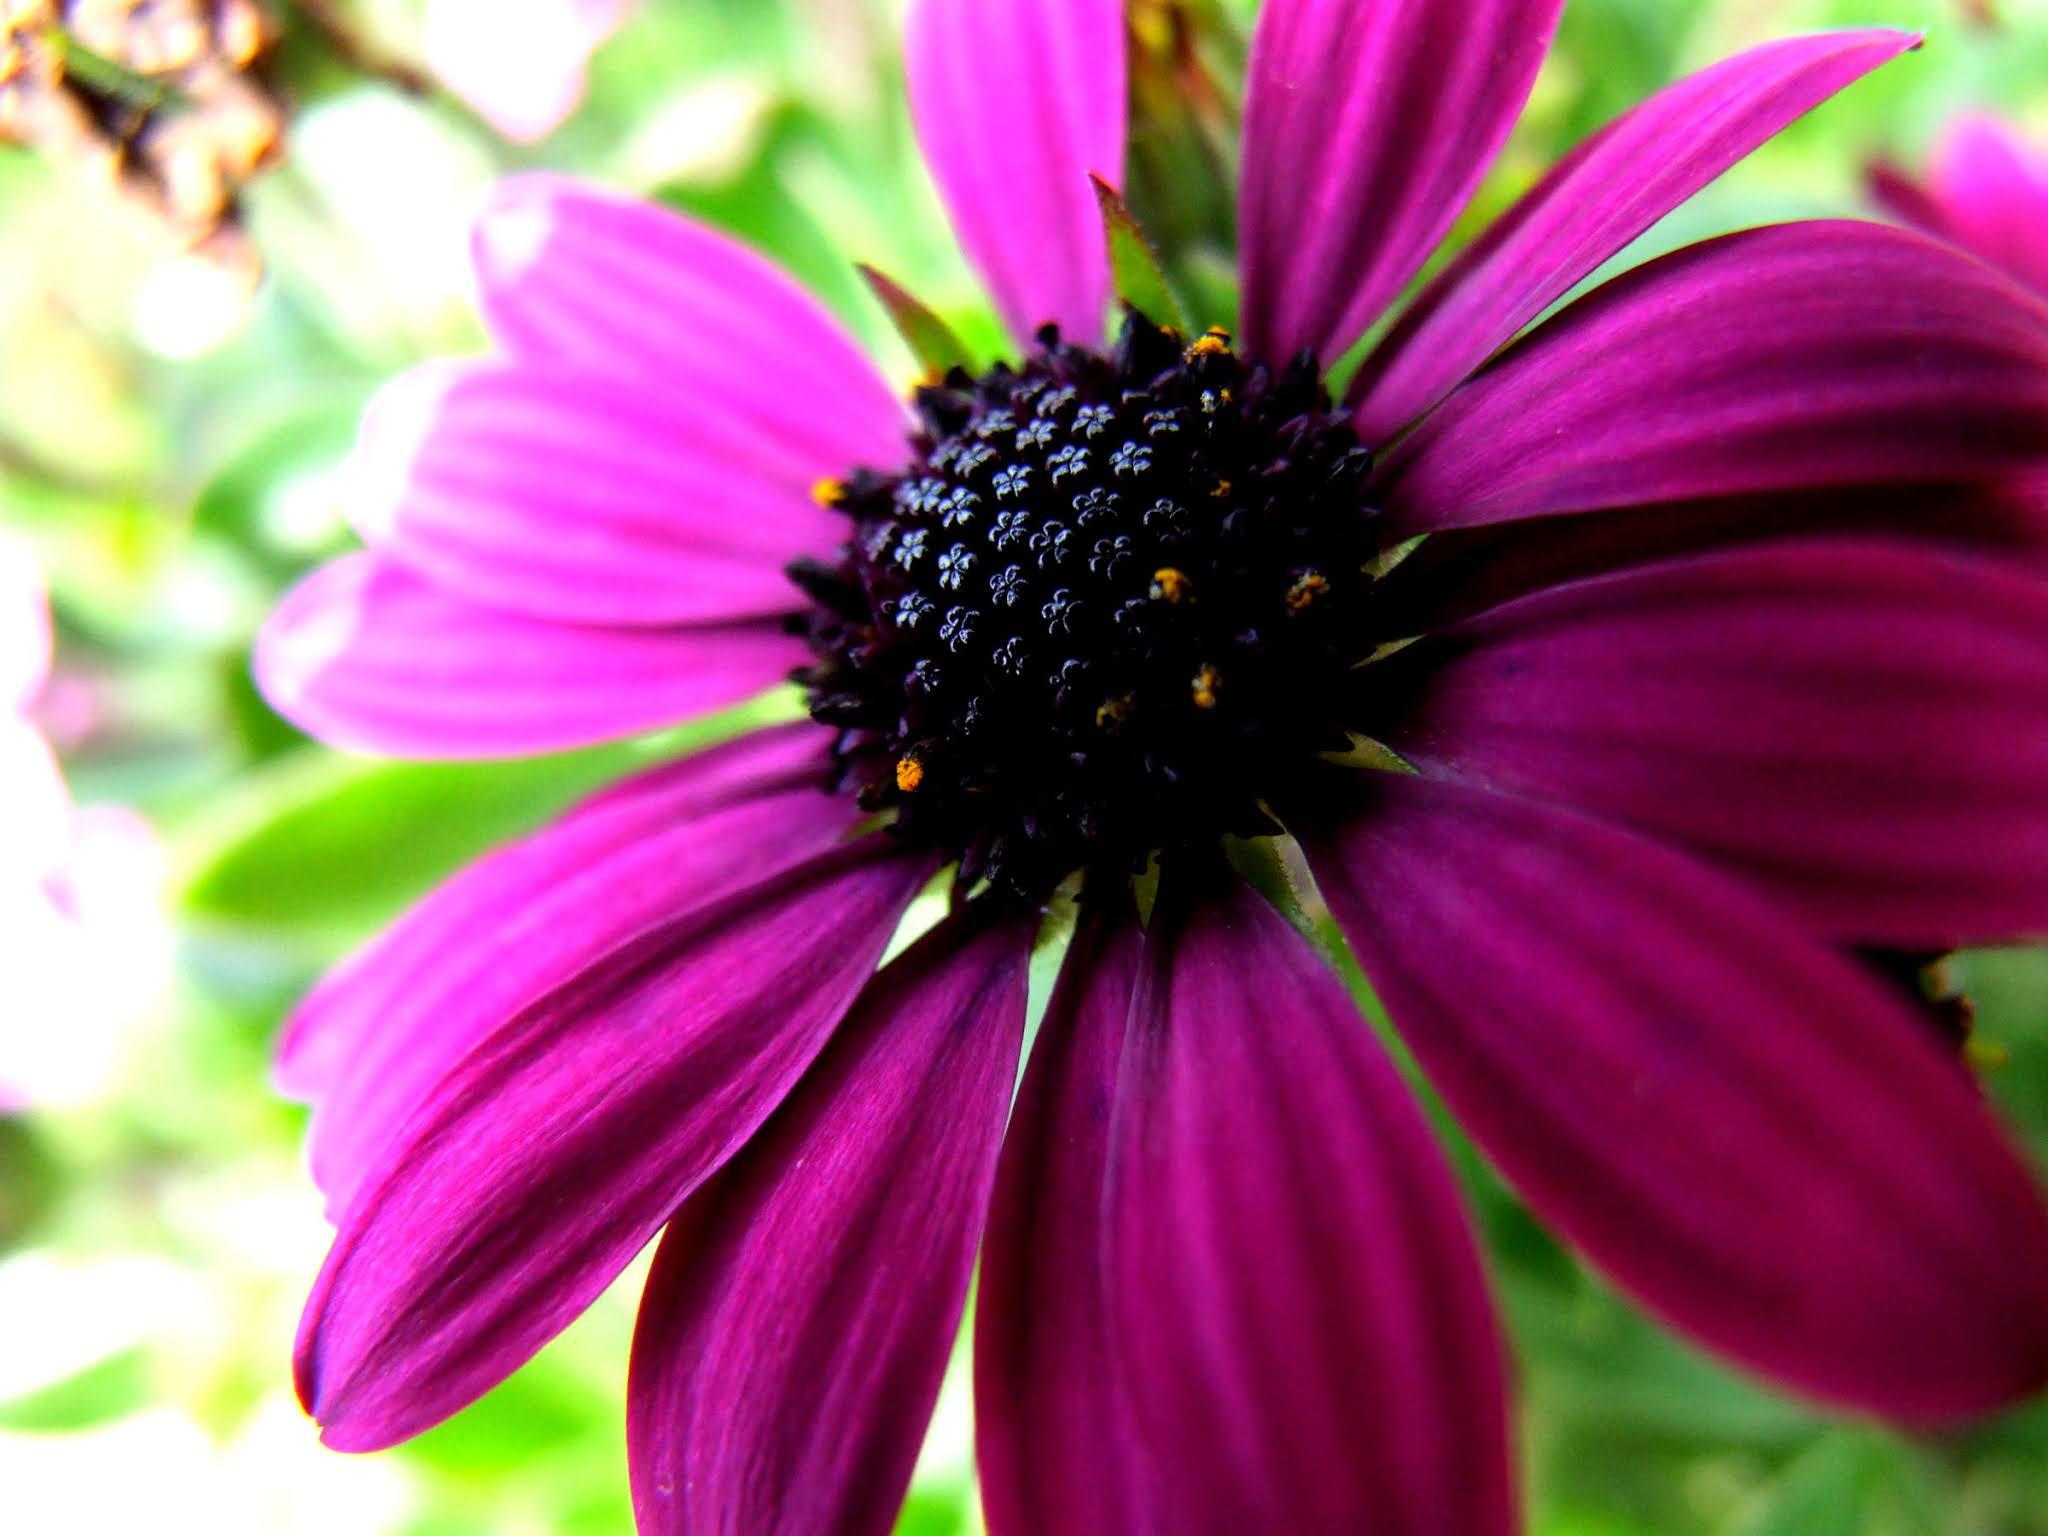 キンセンカ(ディモルフォセカ)の花の写真素材です。紫が鮮やかでキレイですよね。花芯も特徴的で可愛いです。